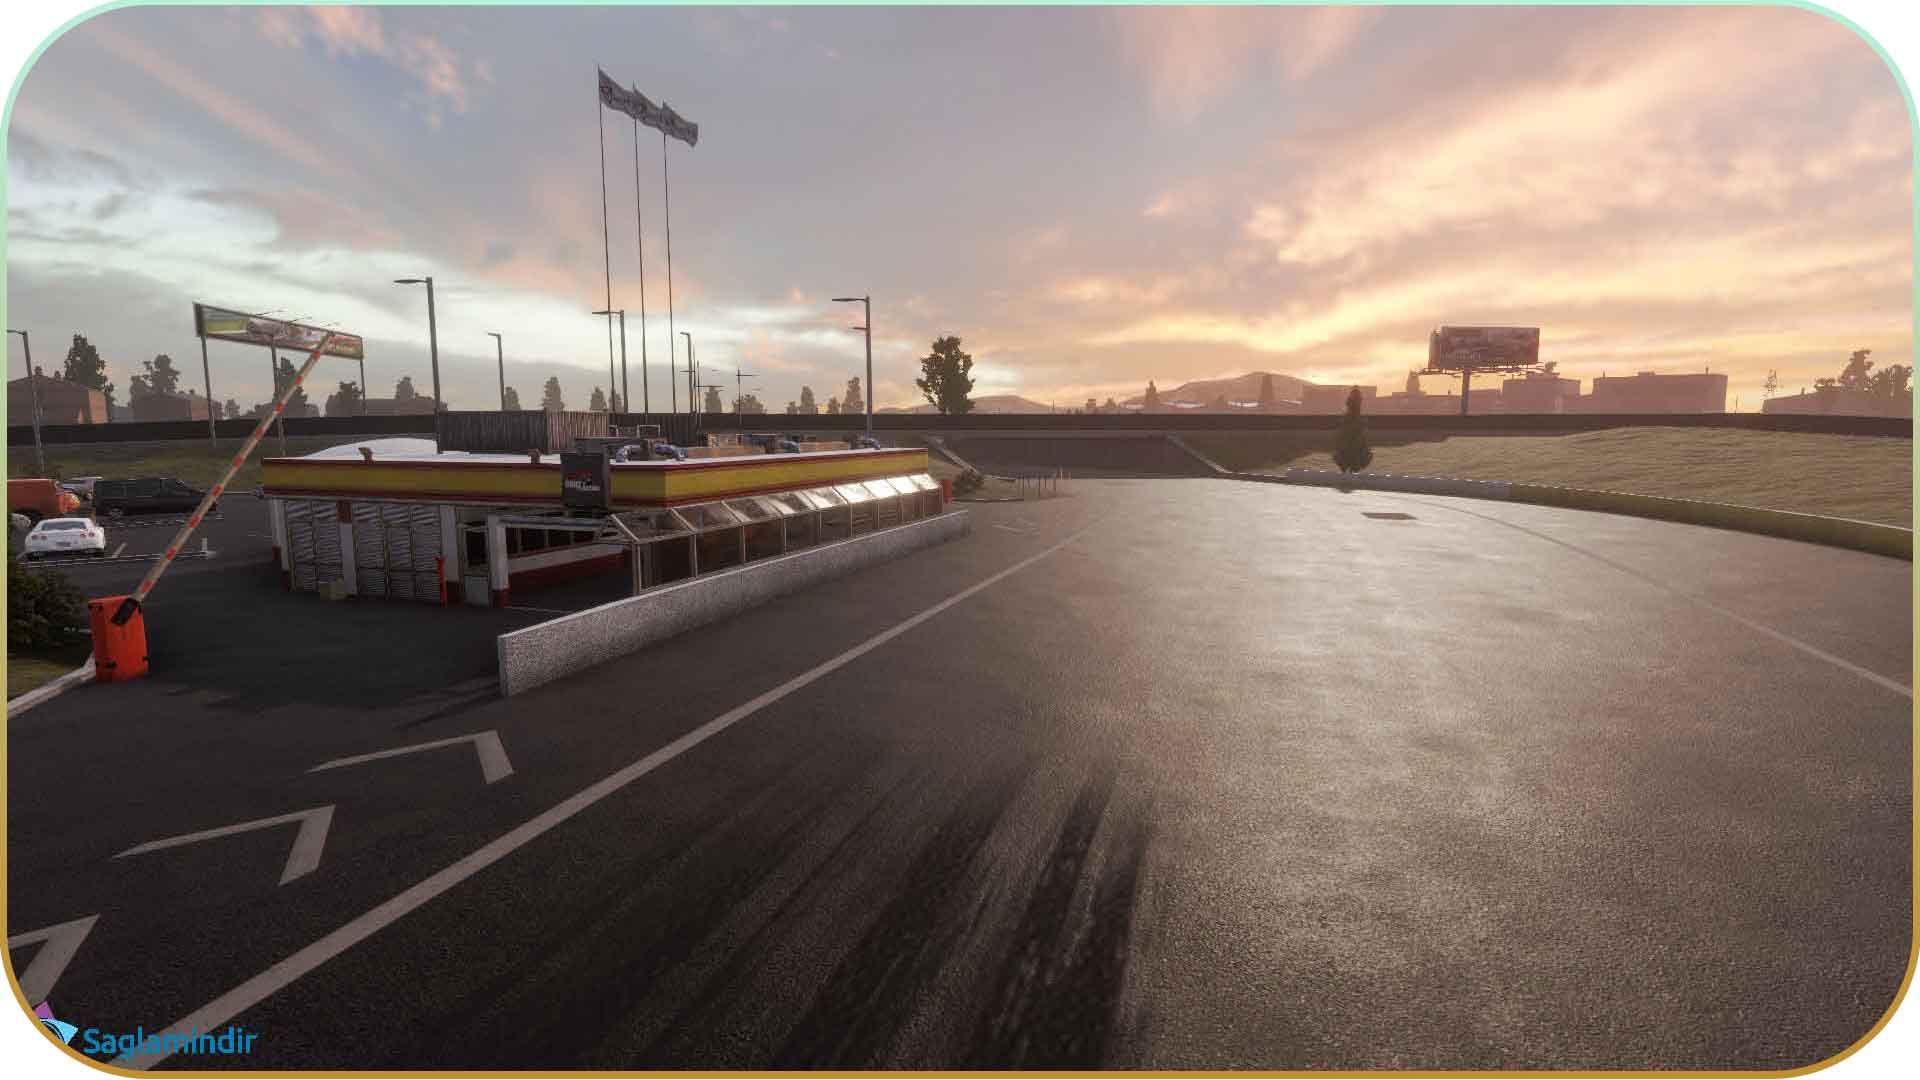 Carx Drift Racing saglamindir